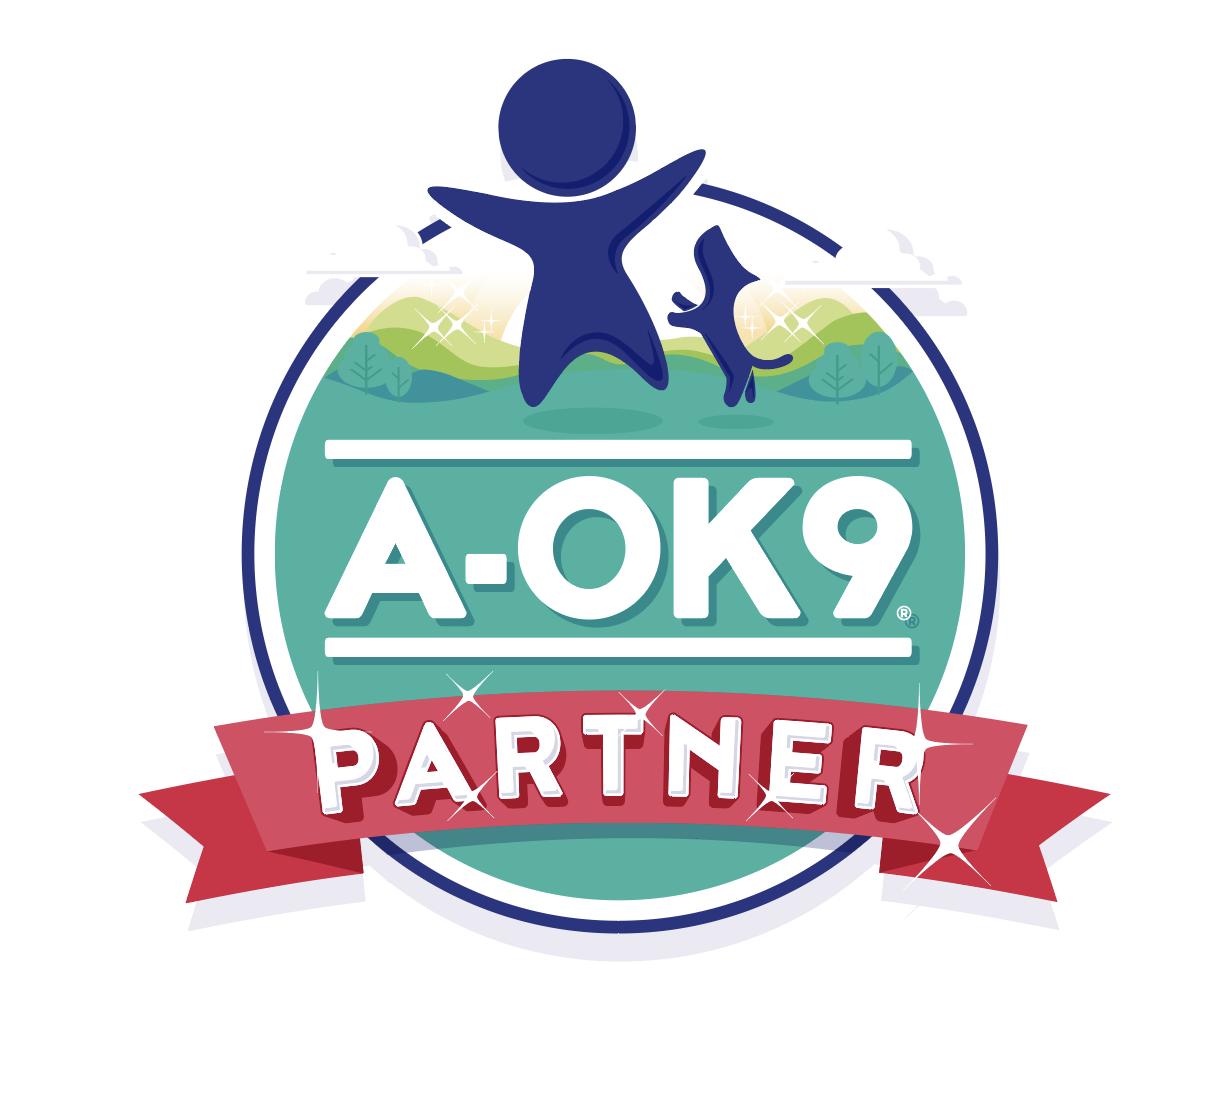 A-OK9 PARTNER